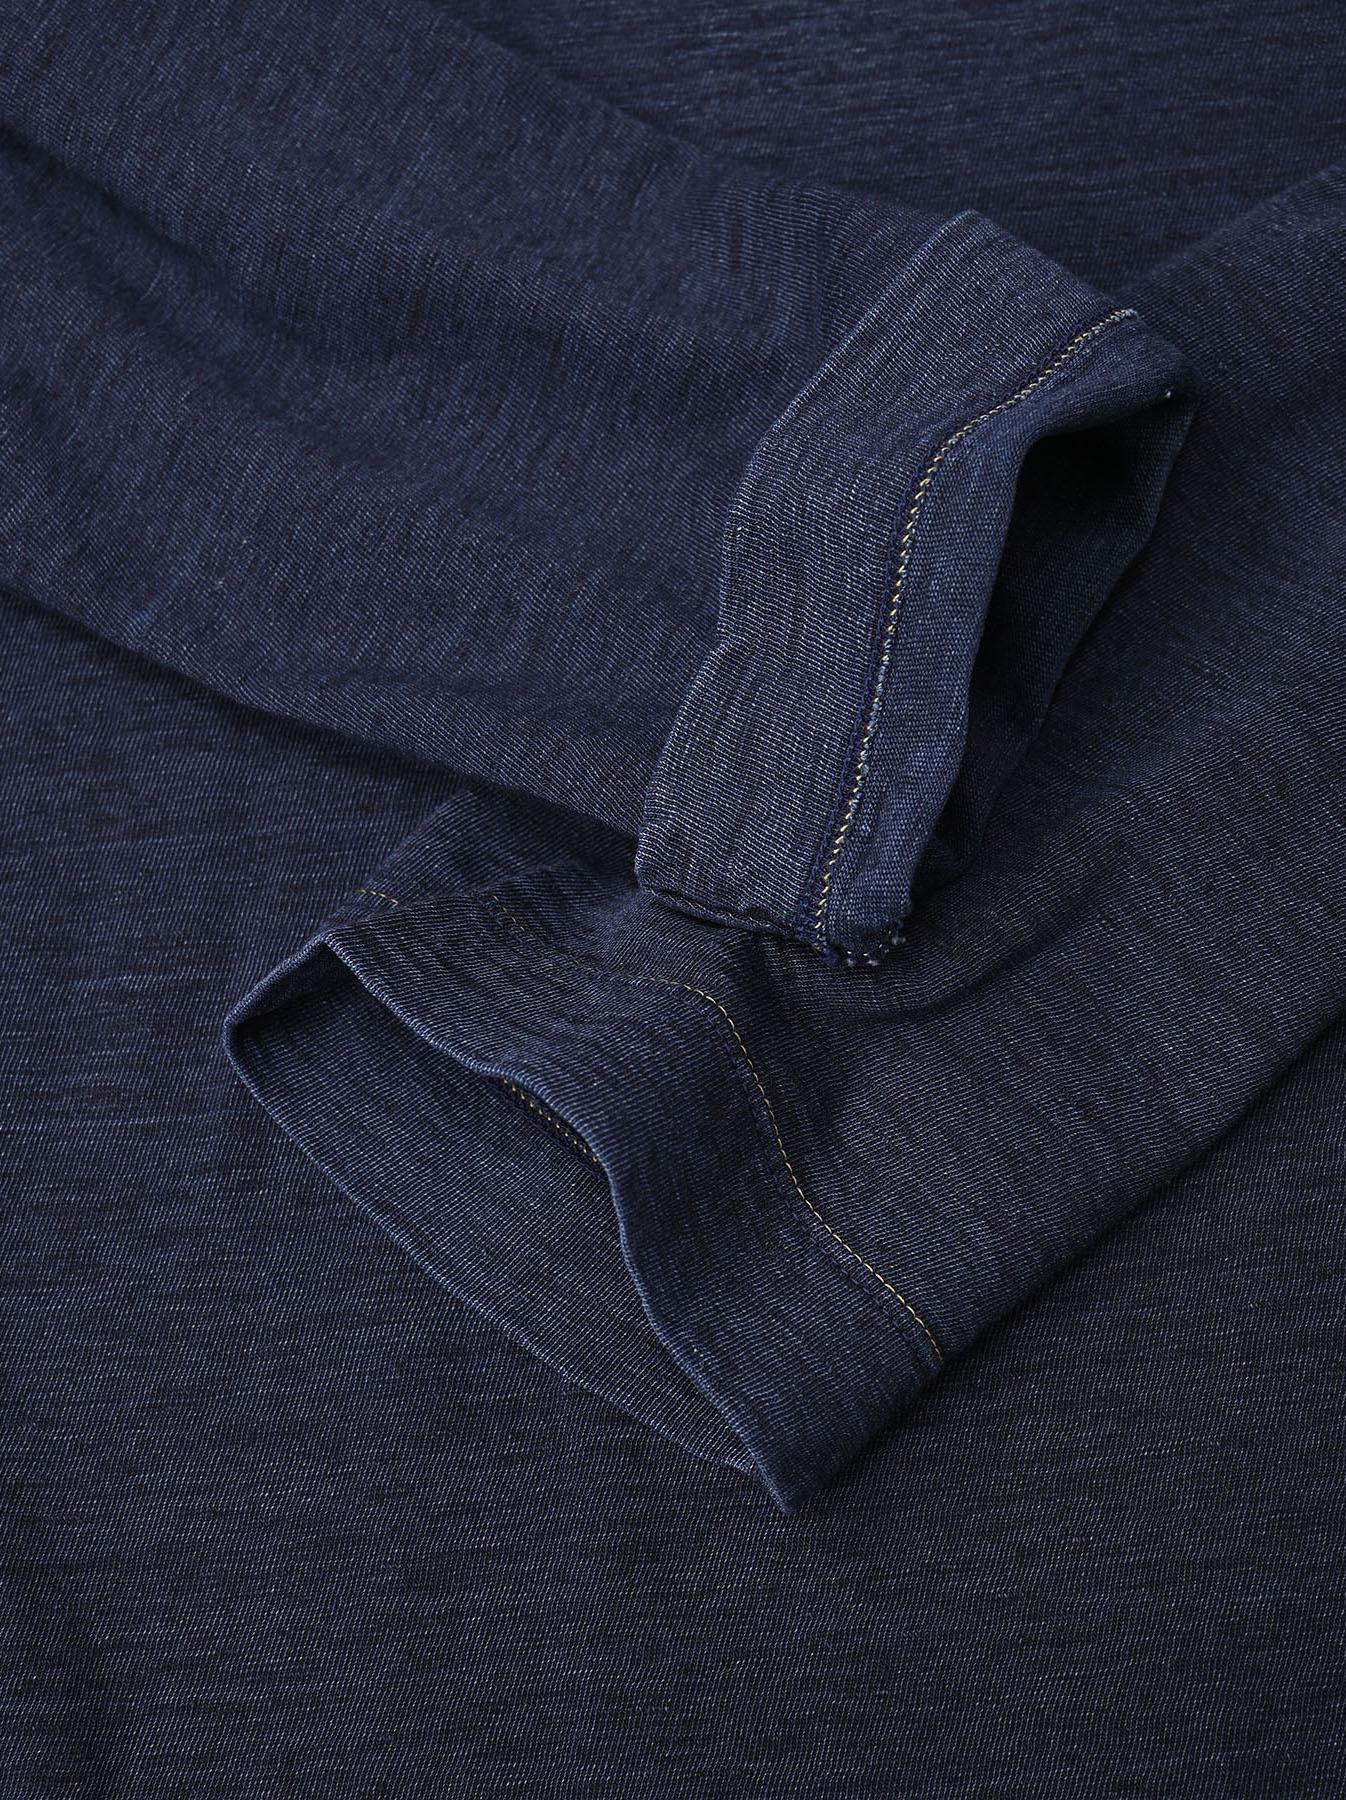 Indigo Zimbabwe Cotton Square T-shirt-9